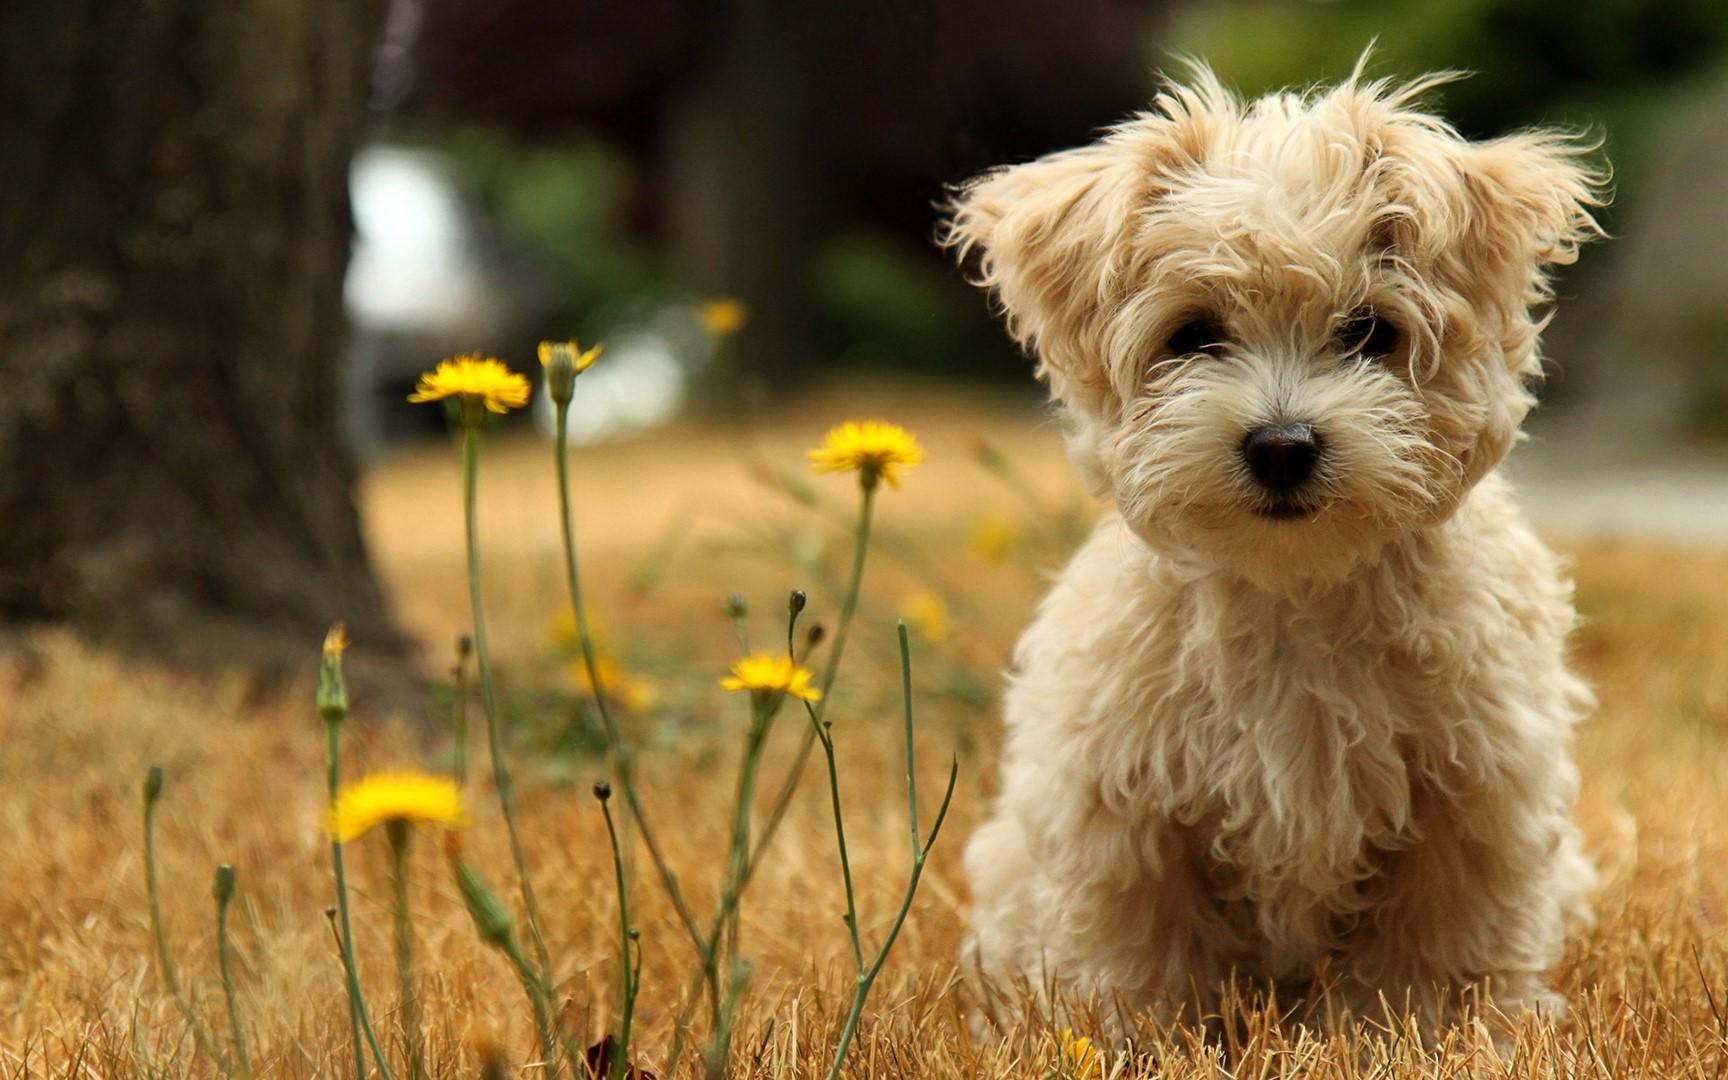 Fondos De Pantalla De Animales Tiernos Medioambiente Y Naturaleza